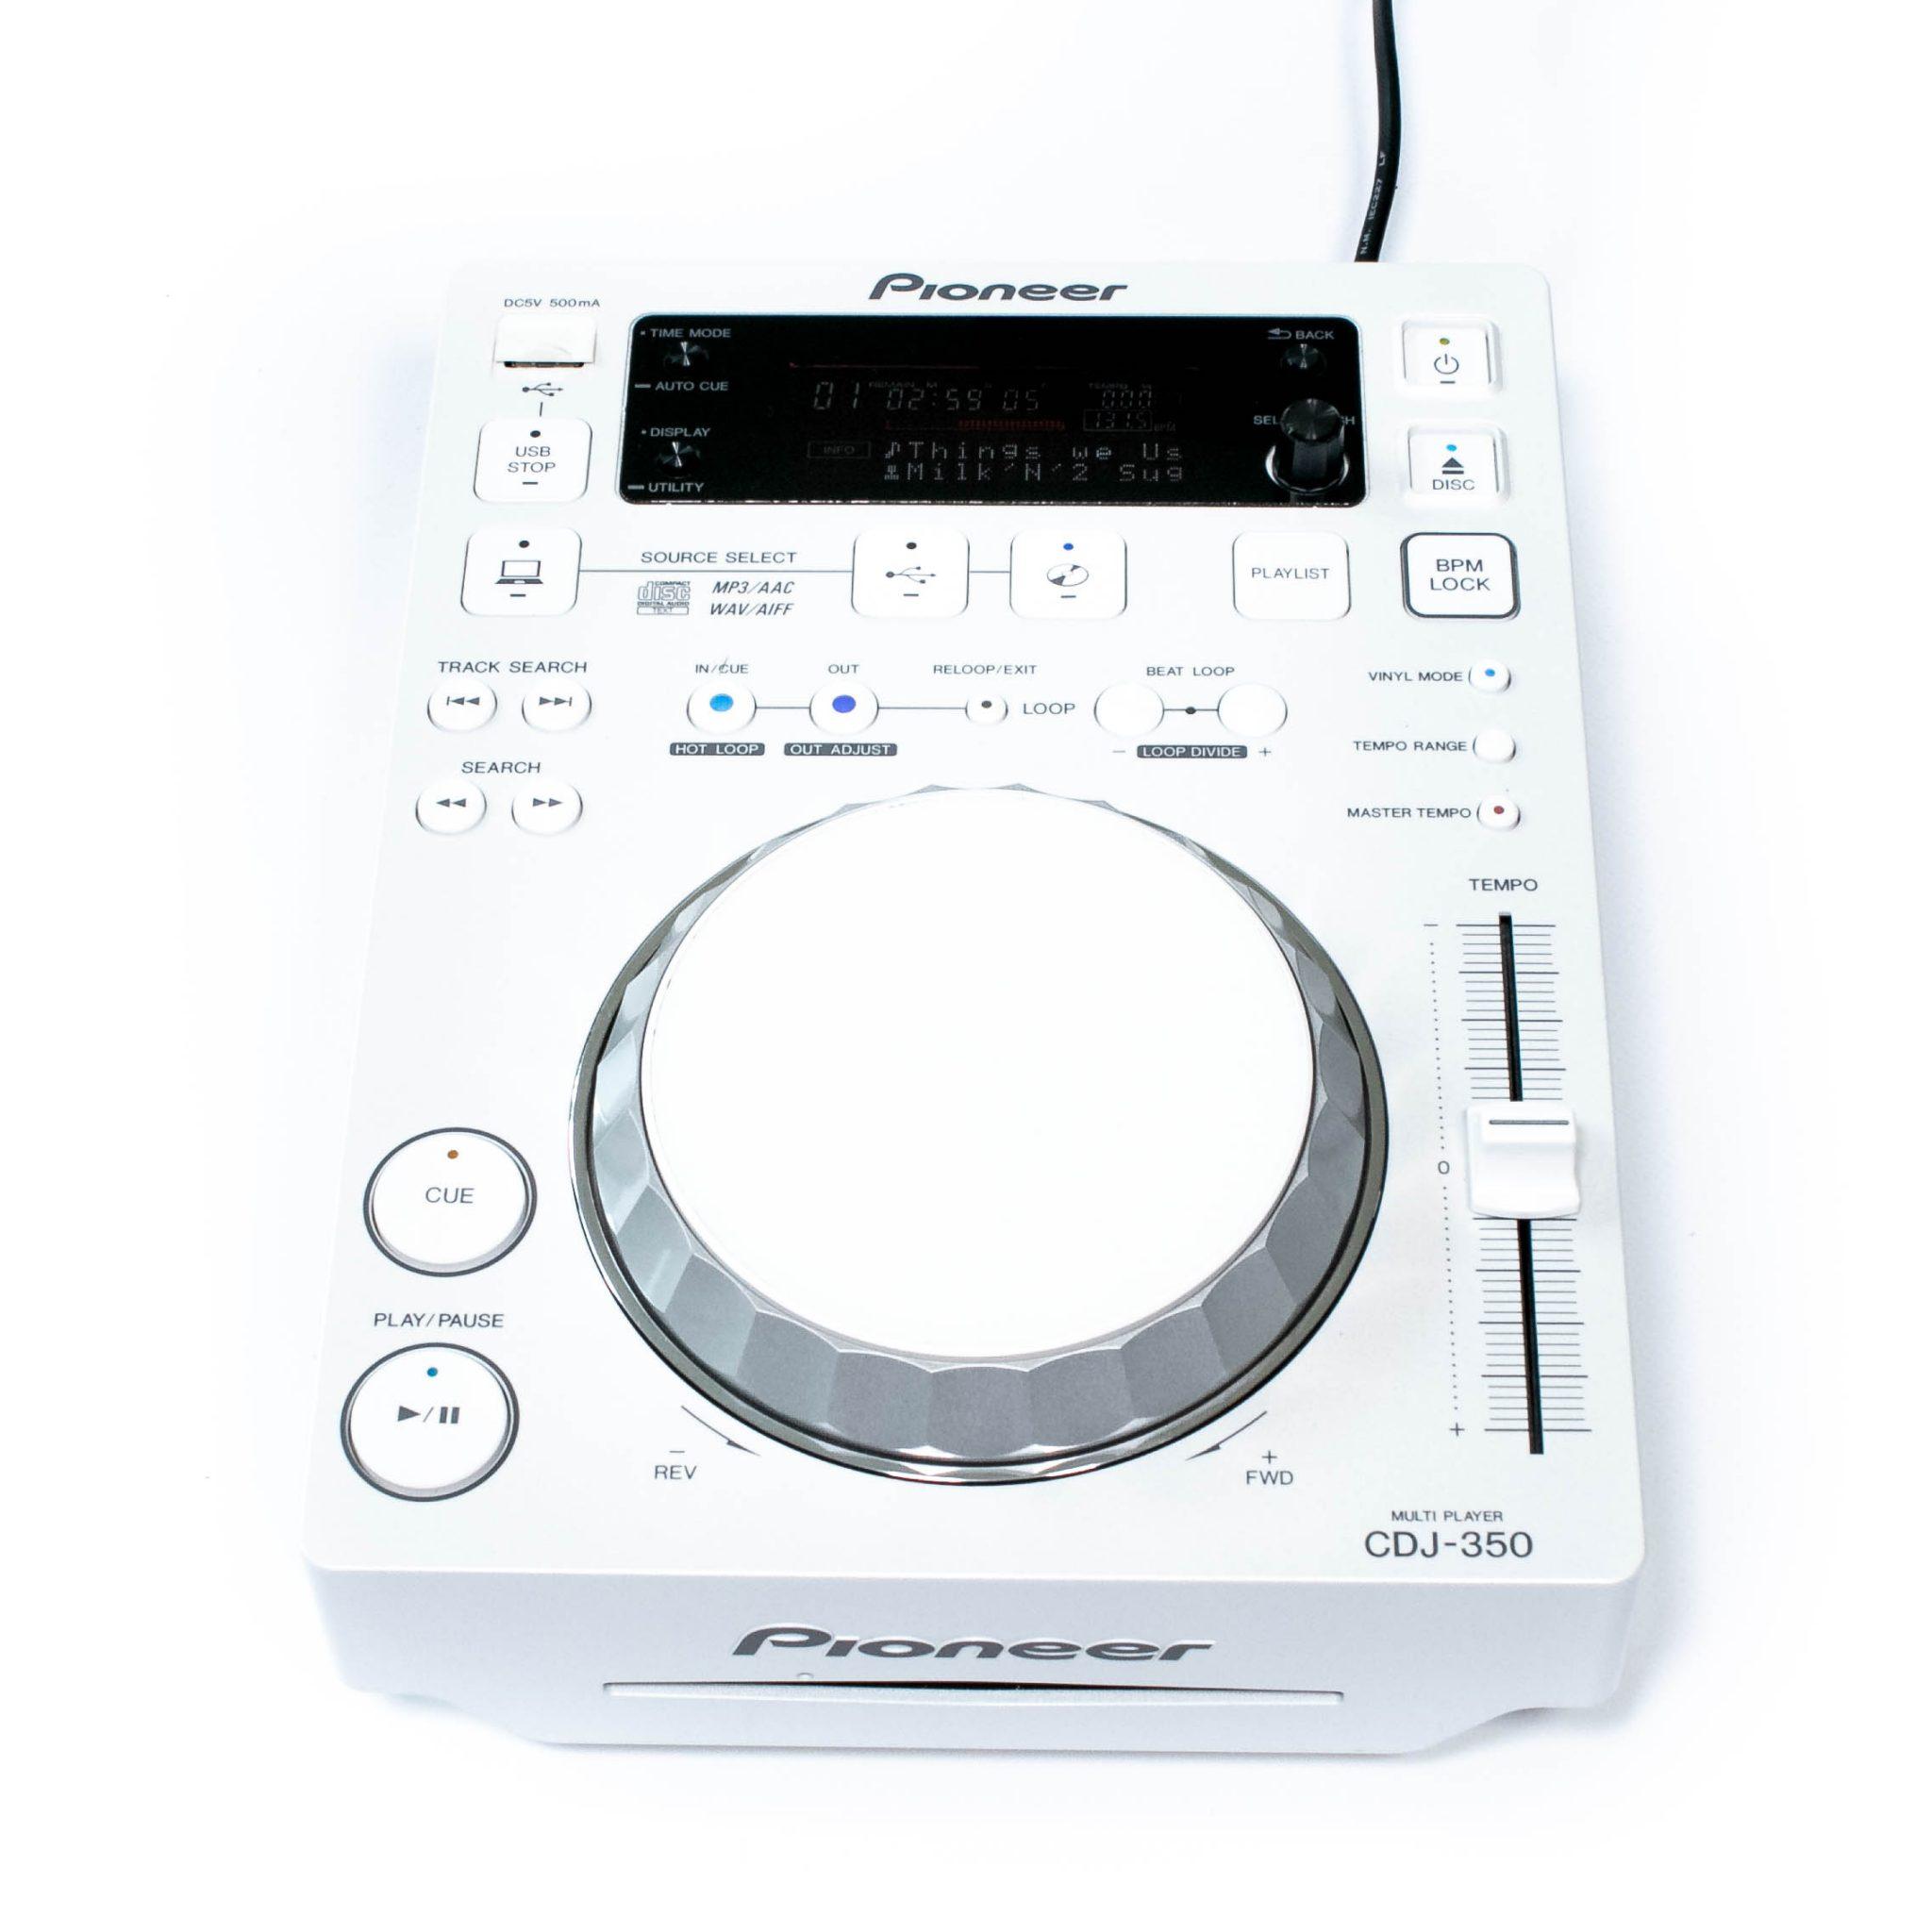 gebraucht kaufen Pioneer CDJ 350 LTD White